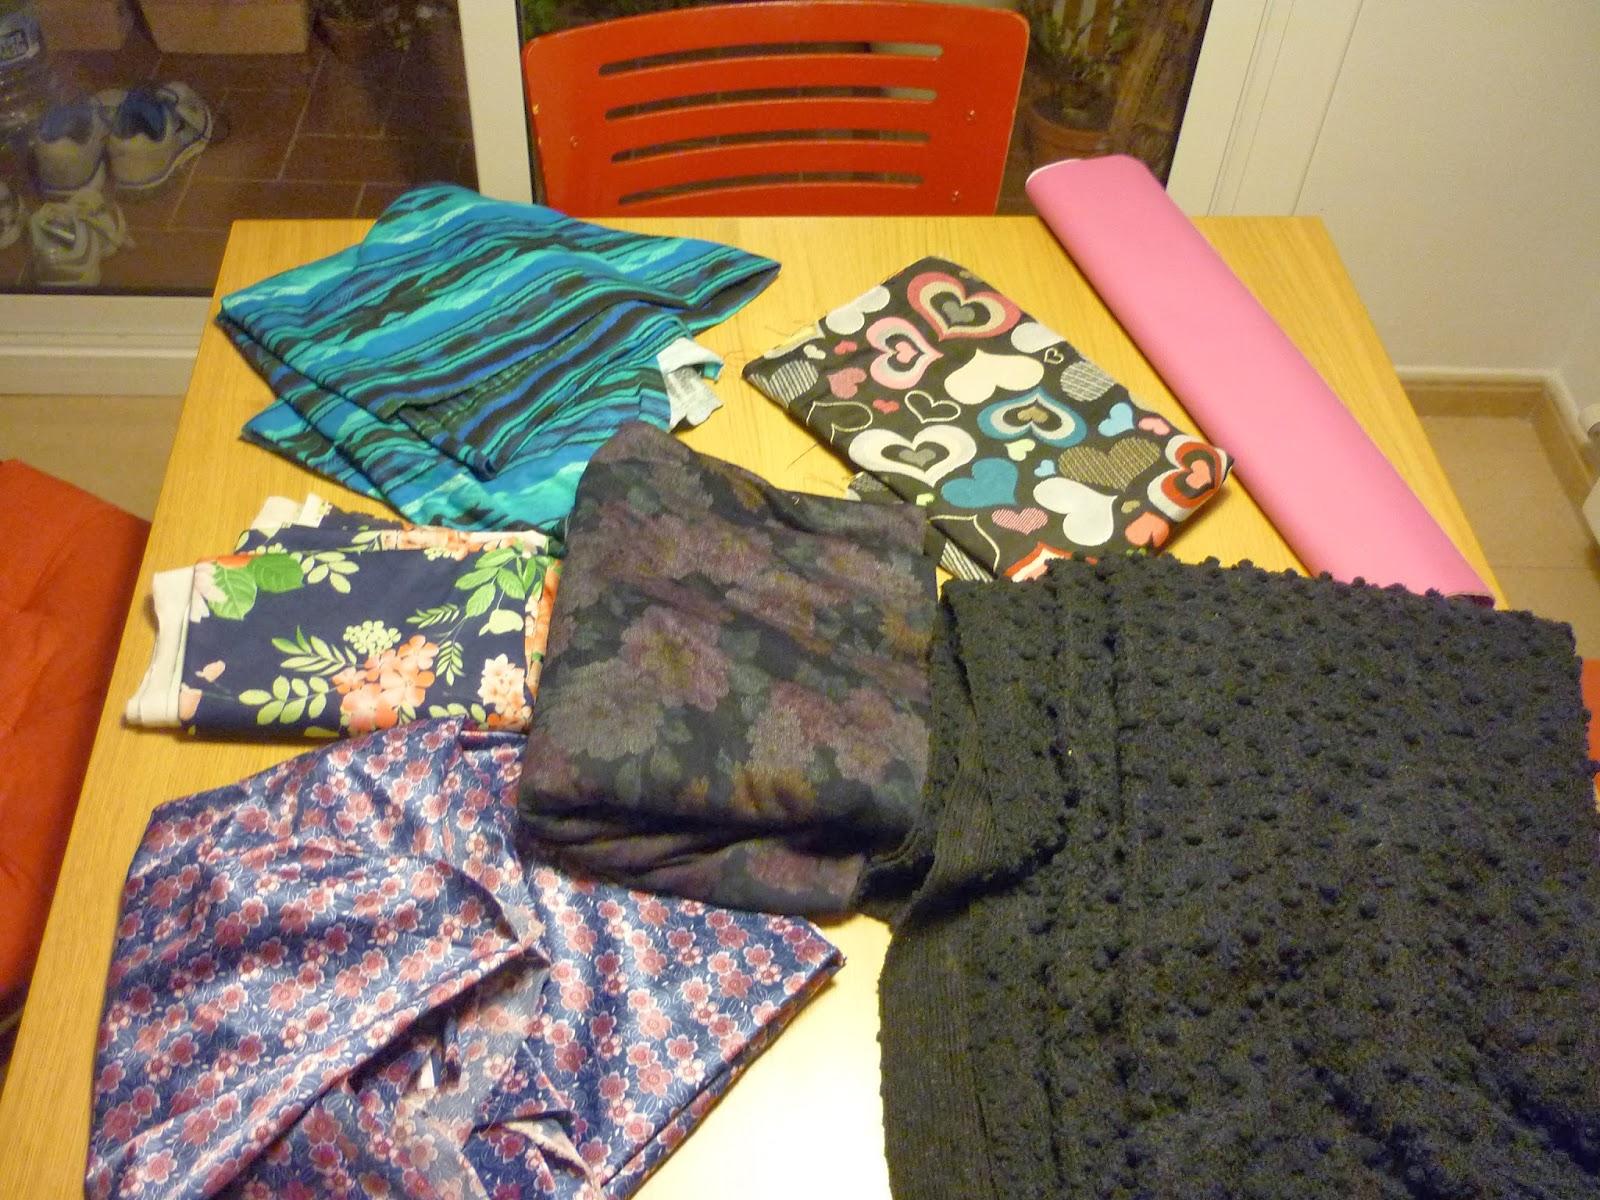 AOT alijo telas stash telas acumulación modistilla de pacotilla